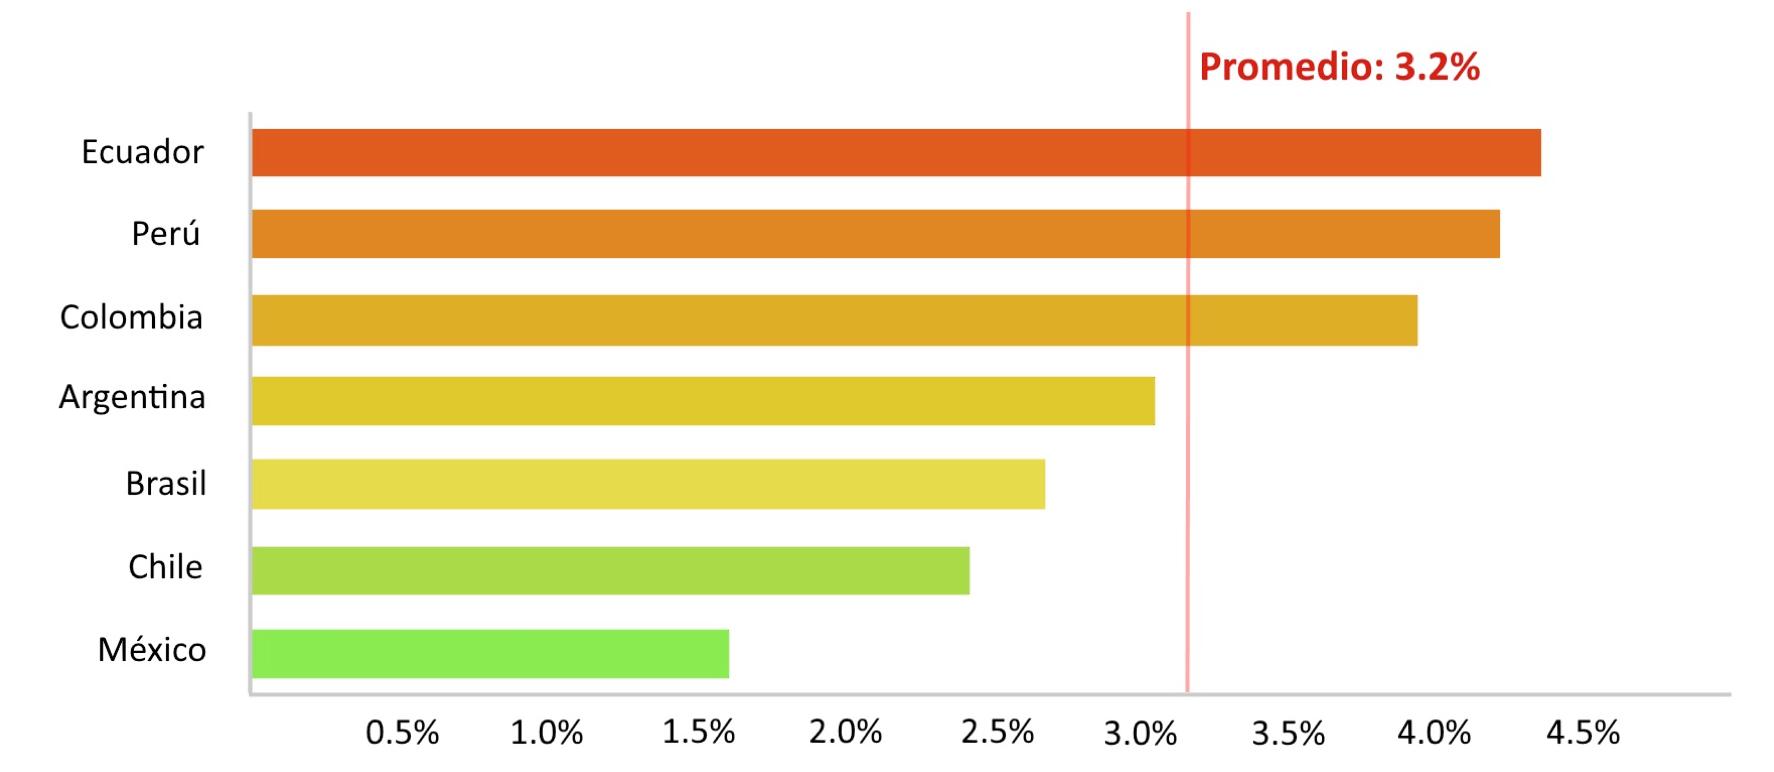 Fuente:  The Competitive Intelligence Unit con información de precios y contenidos obtenidos de Ofertas de Operadores Nacionales